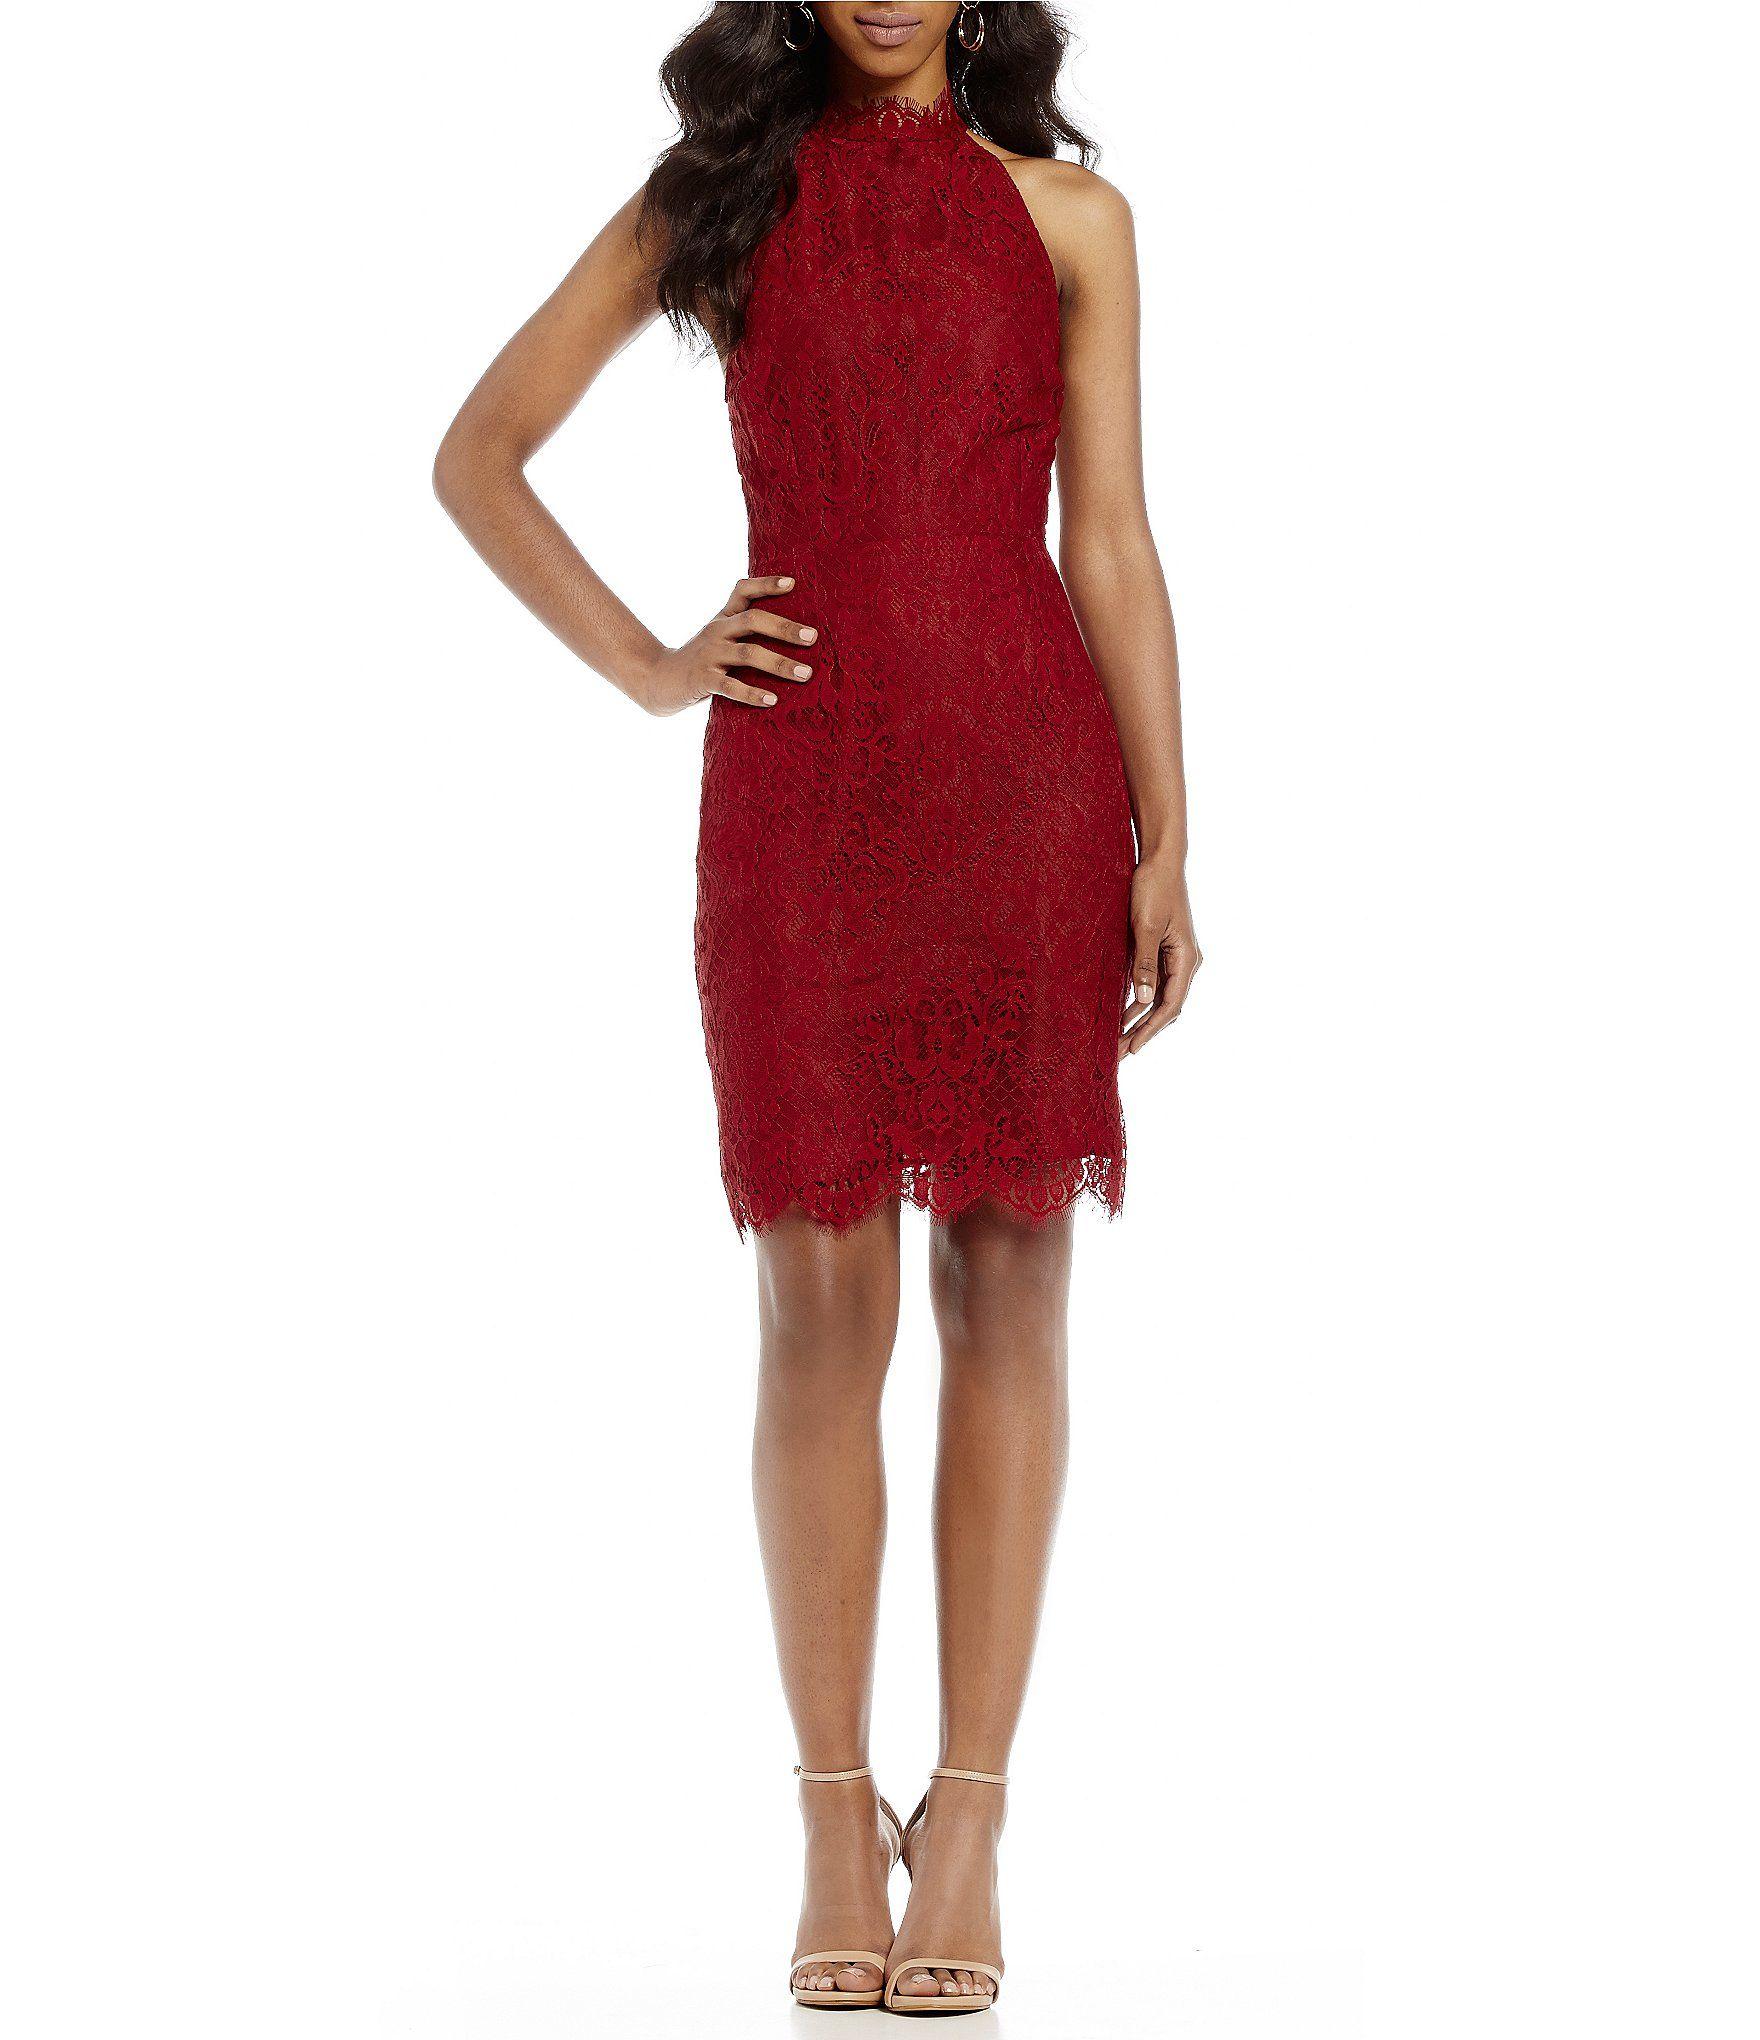 BB Dakota Cherie Scalloped Illusion Lace Sheath Dress Dillards